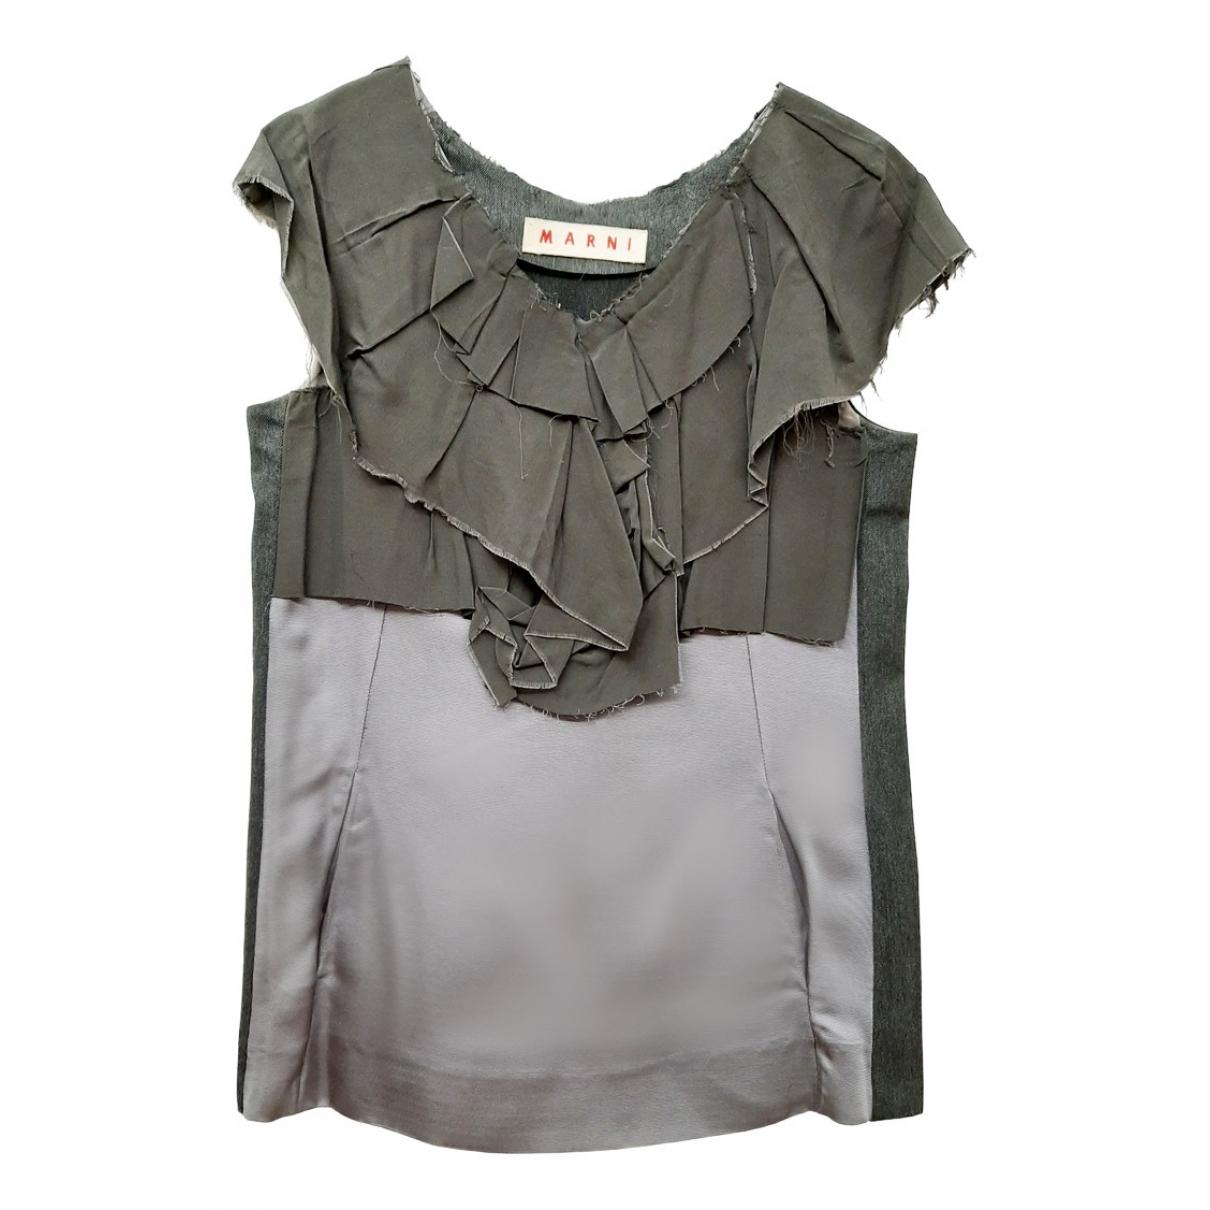 Marni - Top   pour femme - gris